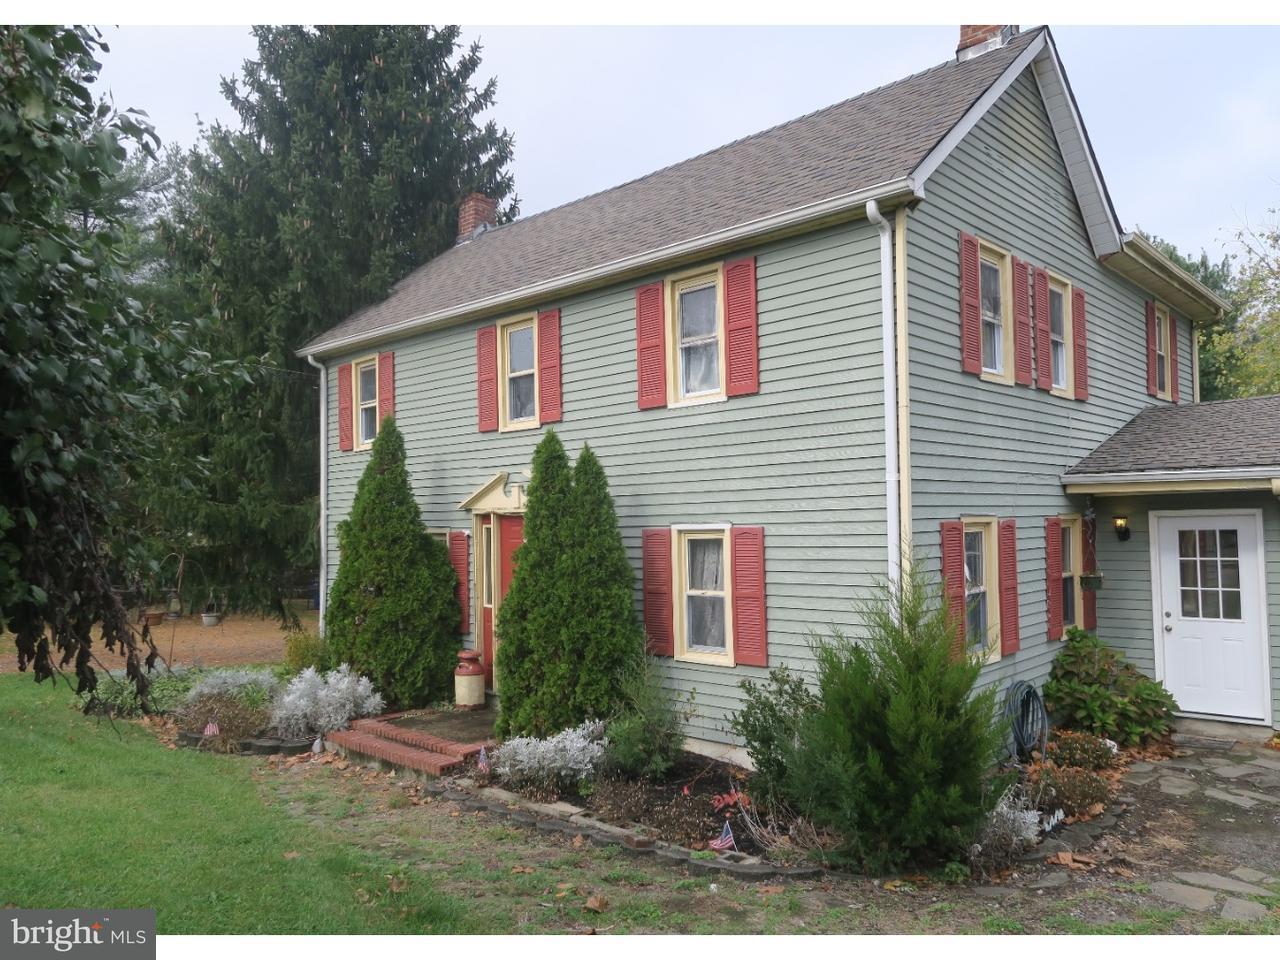 Maison unifamiliale pour l Vente à 6 BUNTING BRIDGE Road Cookstown, New Jersey 08511 États-Unis